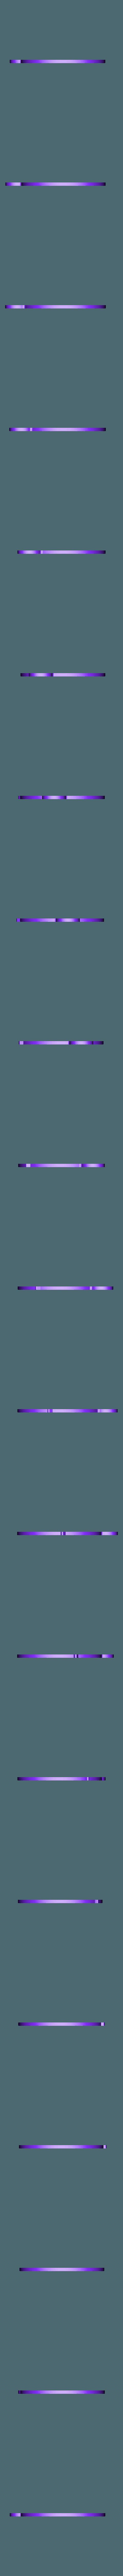 womens_day_white.STL Télécharger fichier STL gratuit Porte-clés de la journée internationale des femmes • Modèle pour impression 3D, MosaicManufacturing